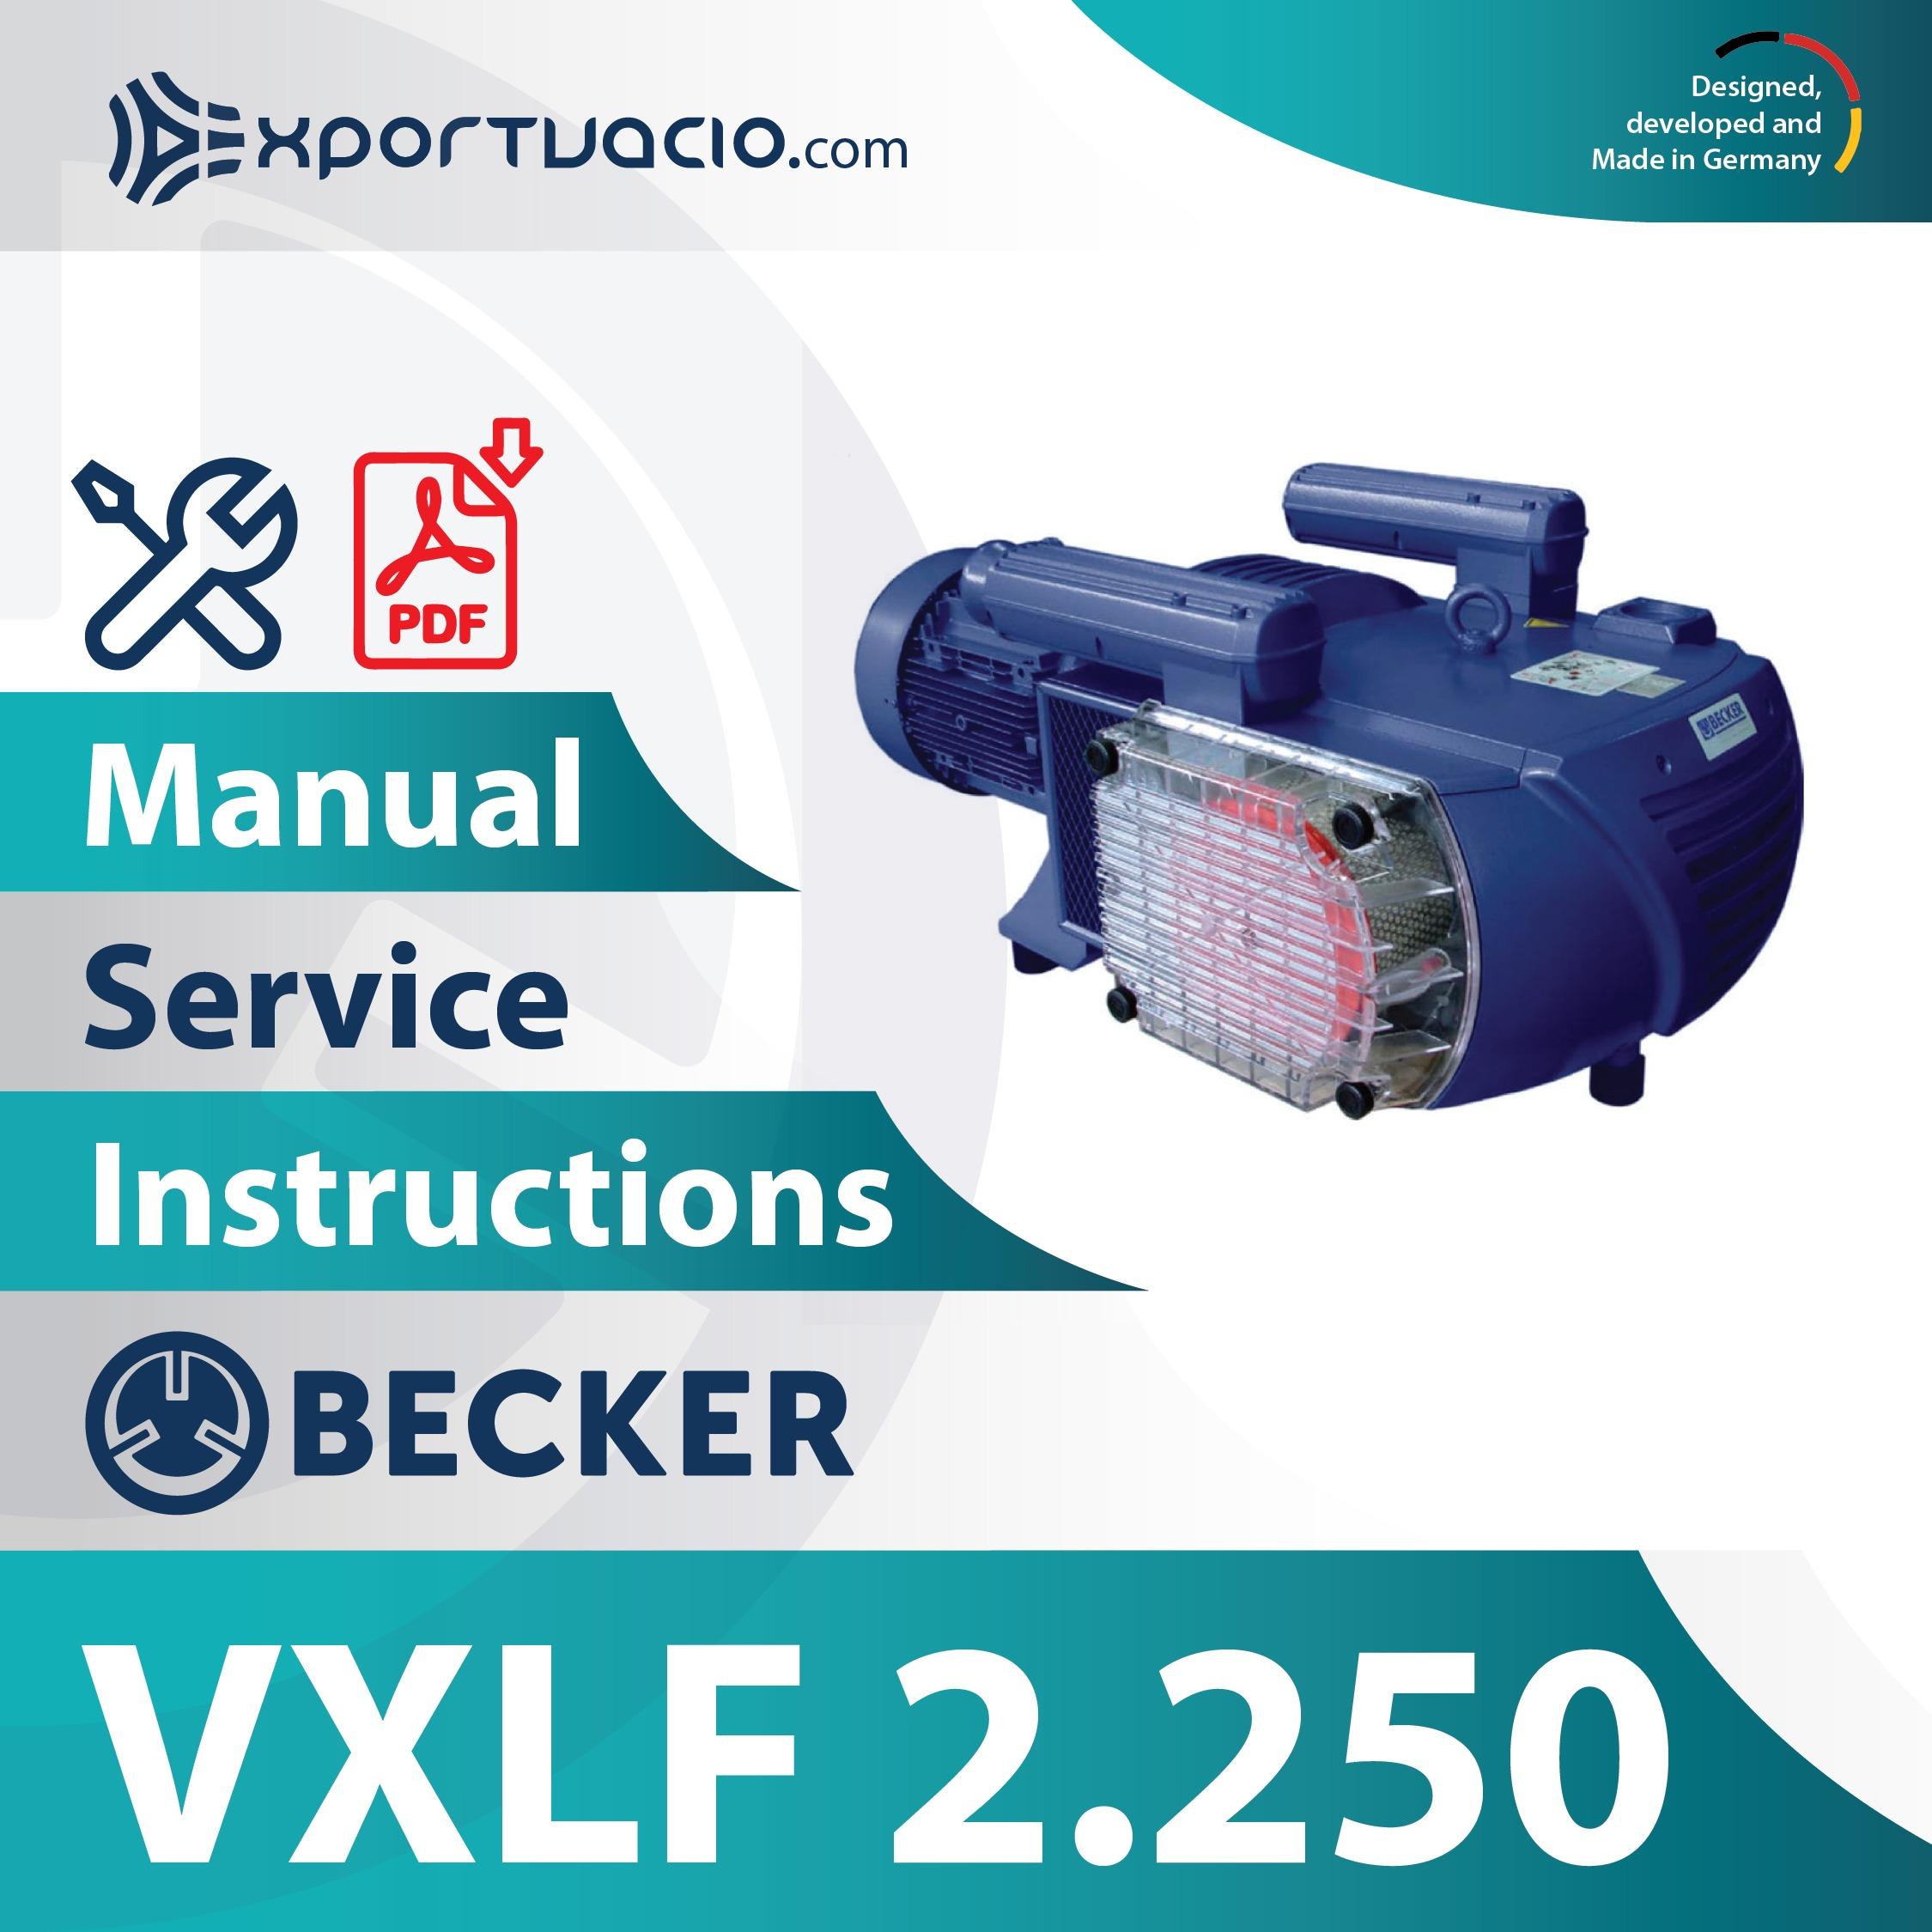 Becker VXLF 2.250